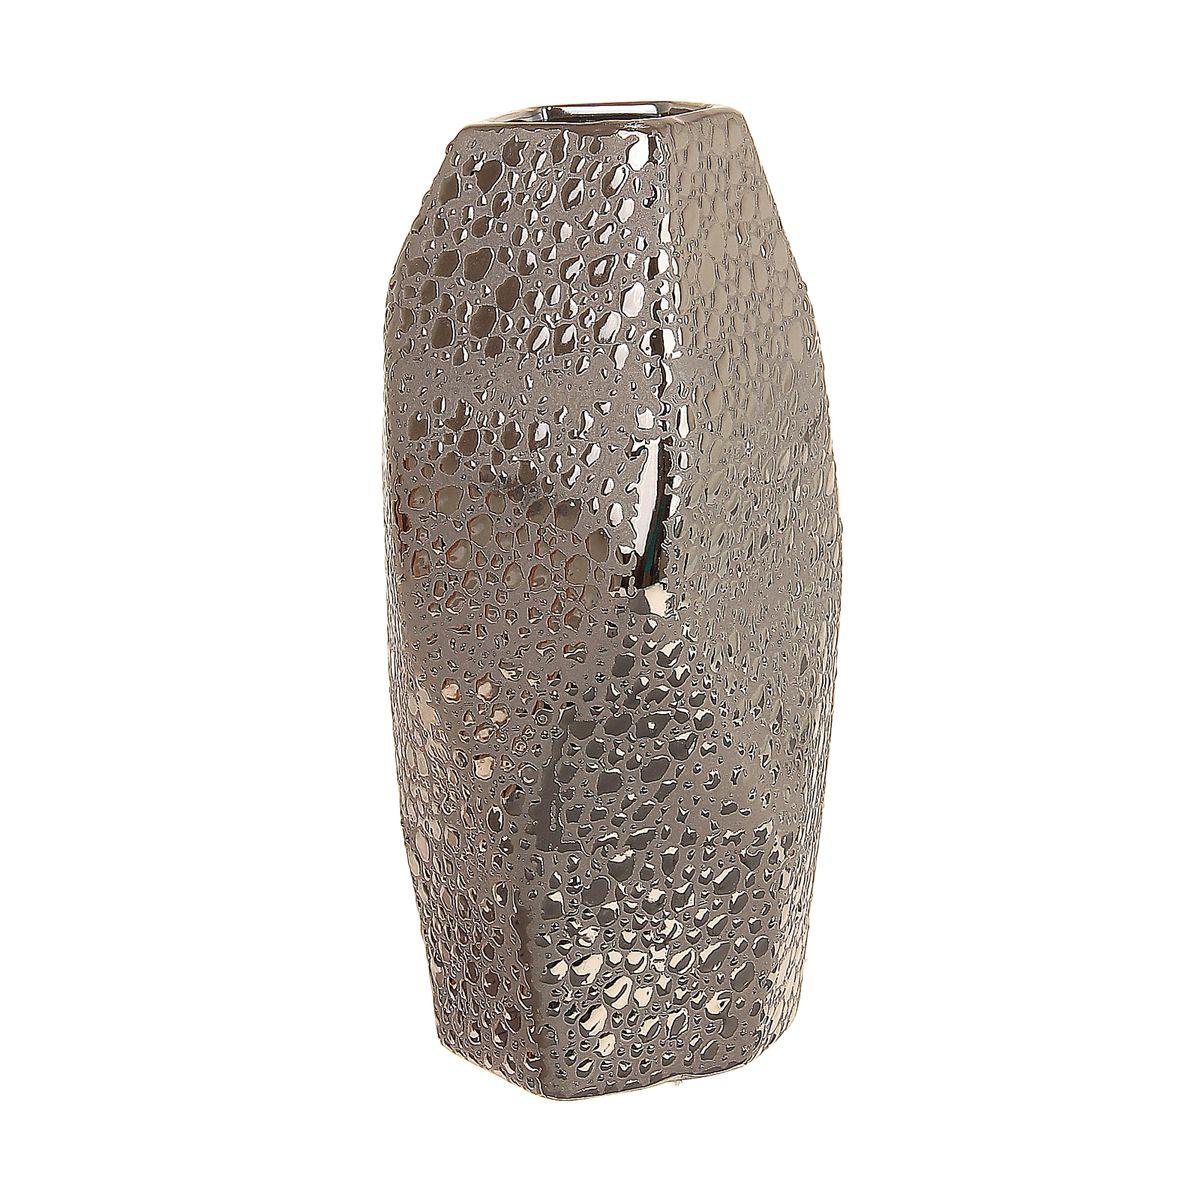 Ваза Sima-land Изгиб, высота 23,5 см863635Ваза Sima-land Изгиб изготовлена из прочной керамики. Интересная форма и необычное оформление сделают эту вазу замечательным украшением интерьера. Она предназначена как для живых, так и для искусственных цветов. Основание оснащено противоскользящими накладками. Любое помещение выглядит незавершенным без правильно расположенных предметов интерьера. Они помогают создать уют, расставить акценты, подчеркнуть достоинства или скрыть недостатки.